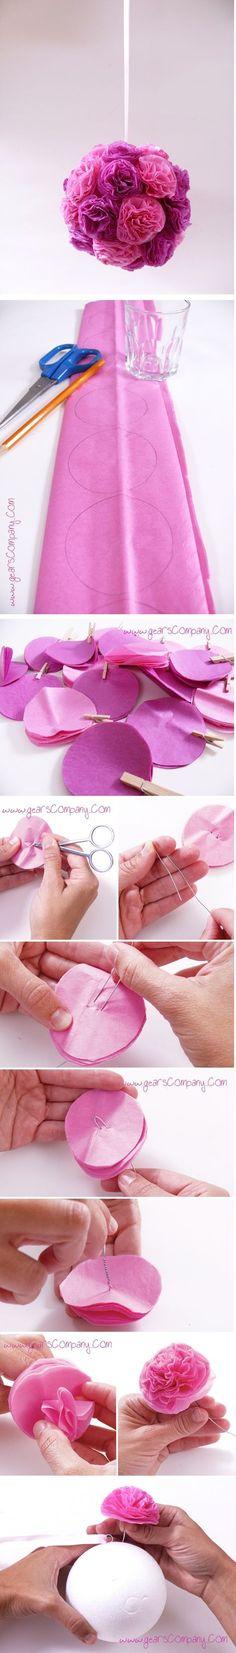 Aprende en este link a hacer tus propios pompones de papel y decora con ellos tus fiestas. #ideasparafiestas #decoraciondefiestas #diy